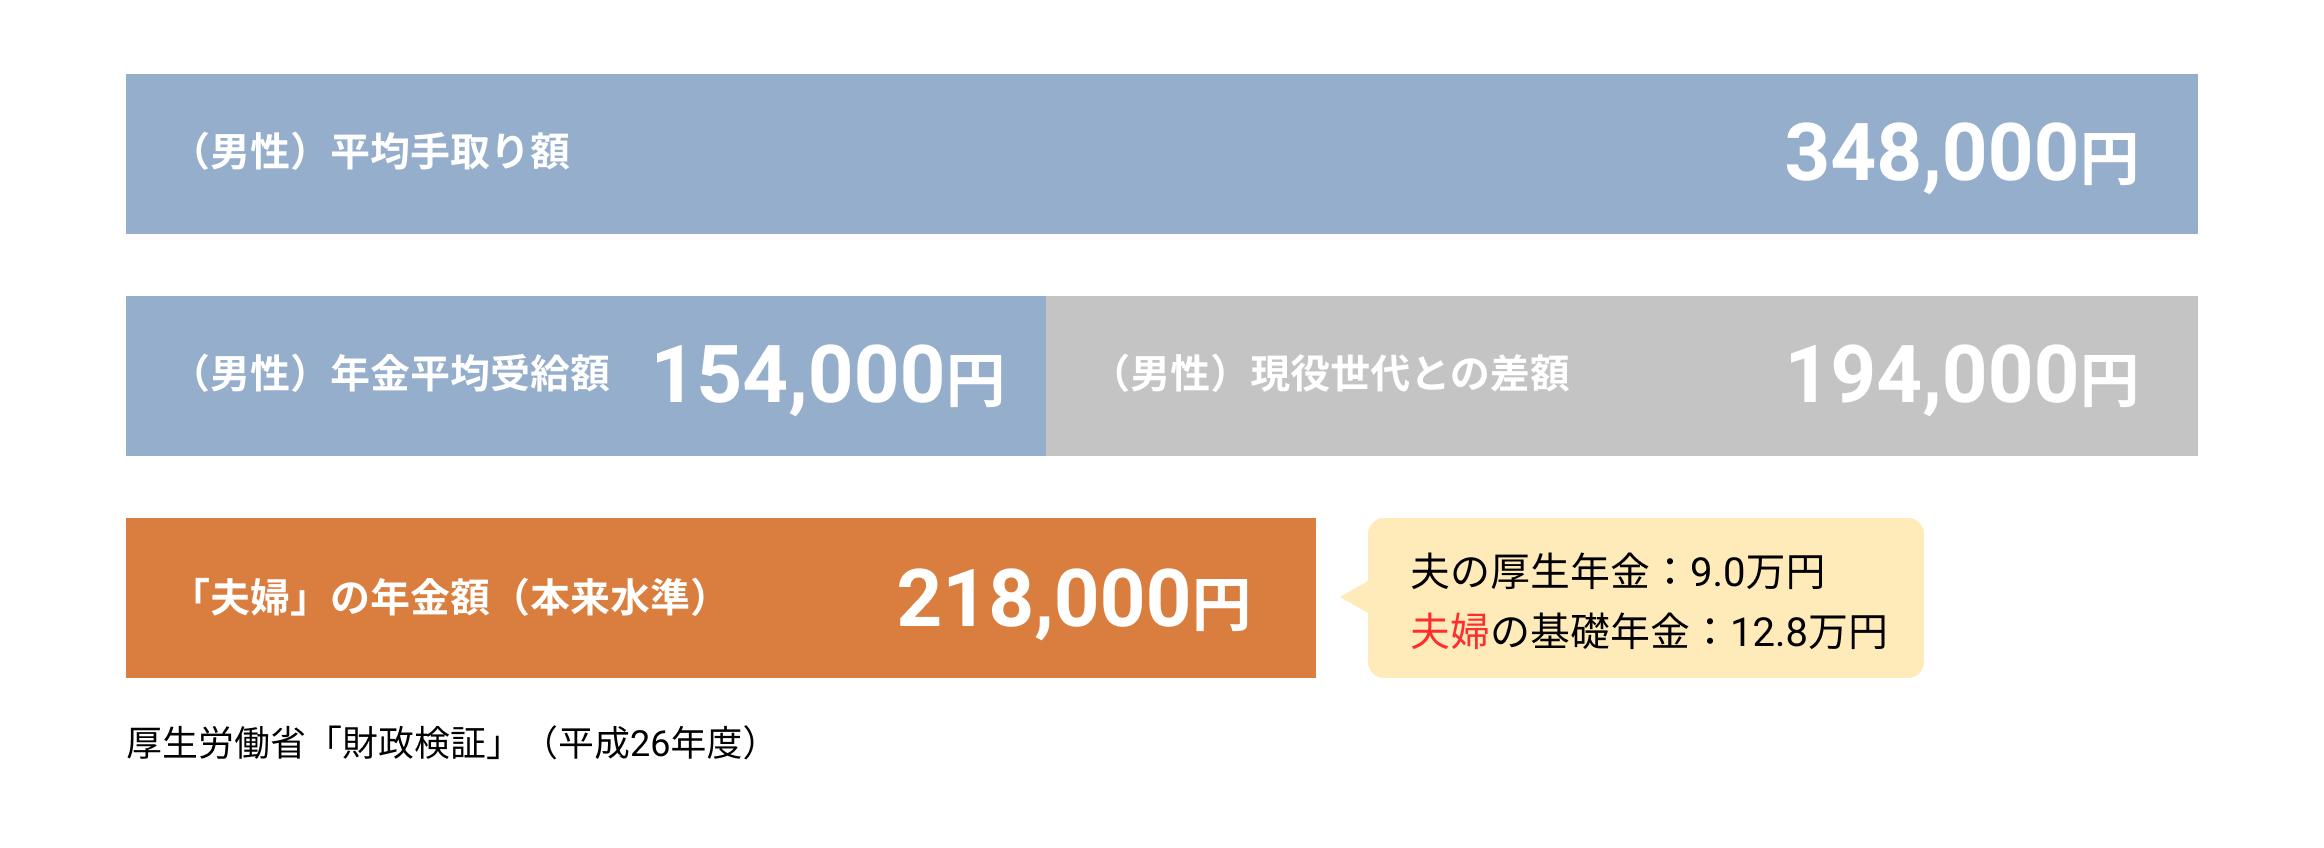 厚生労働省「財政検証」(平成26年度)